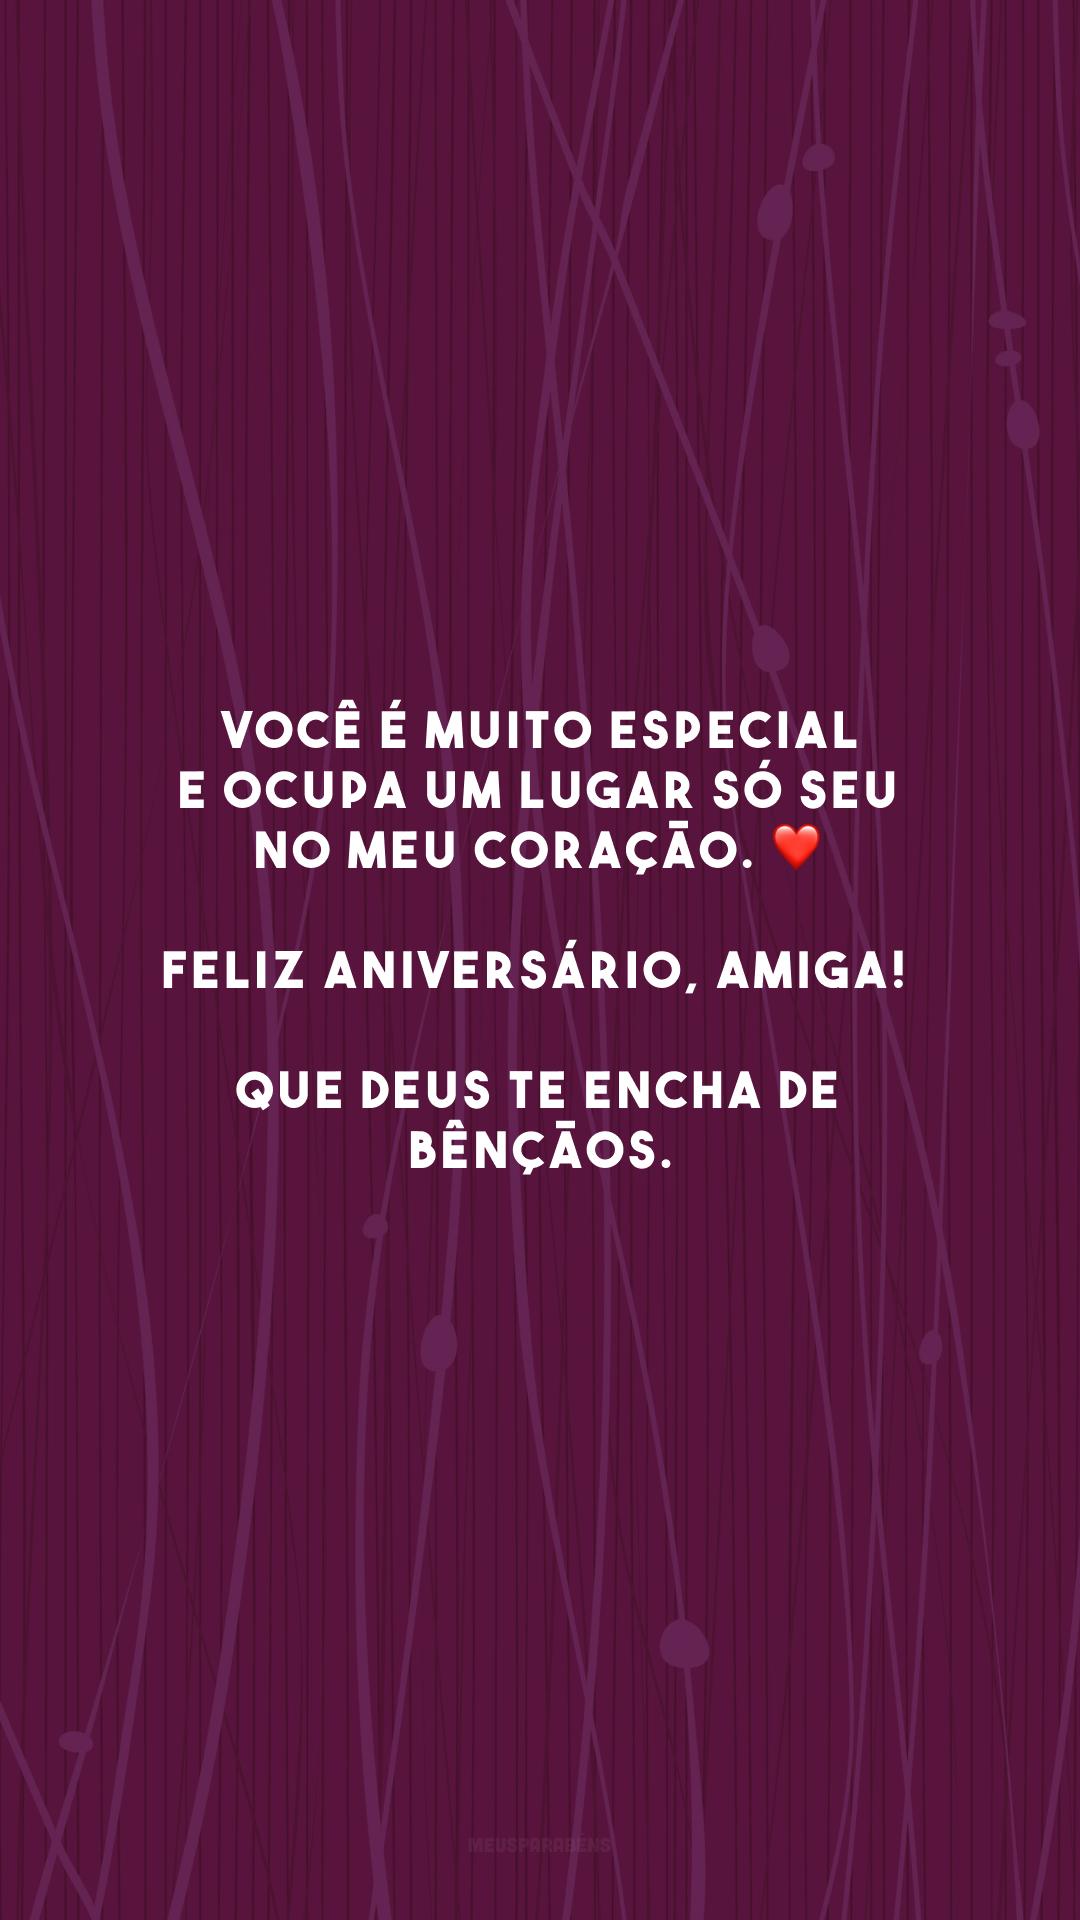 Você é muito especial e ocupa um lugar só seu no meu coração. ❤️ Feliz aniversário, amiga! Que Deus te encha de bênçãos.